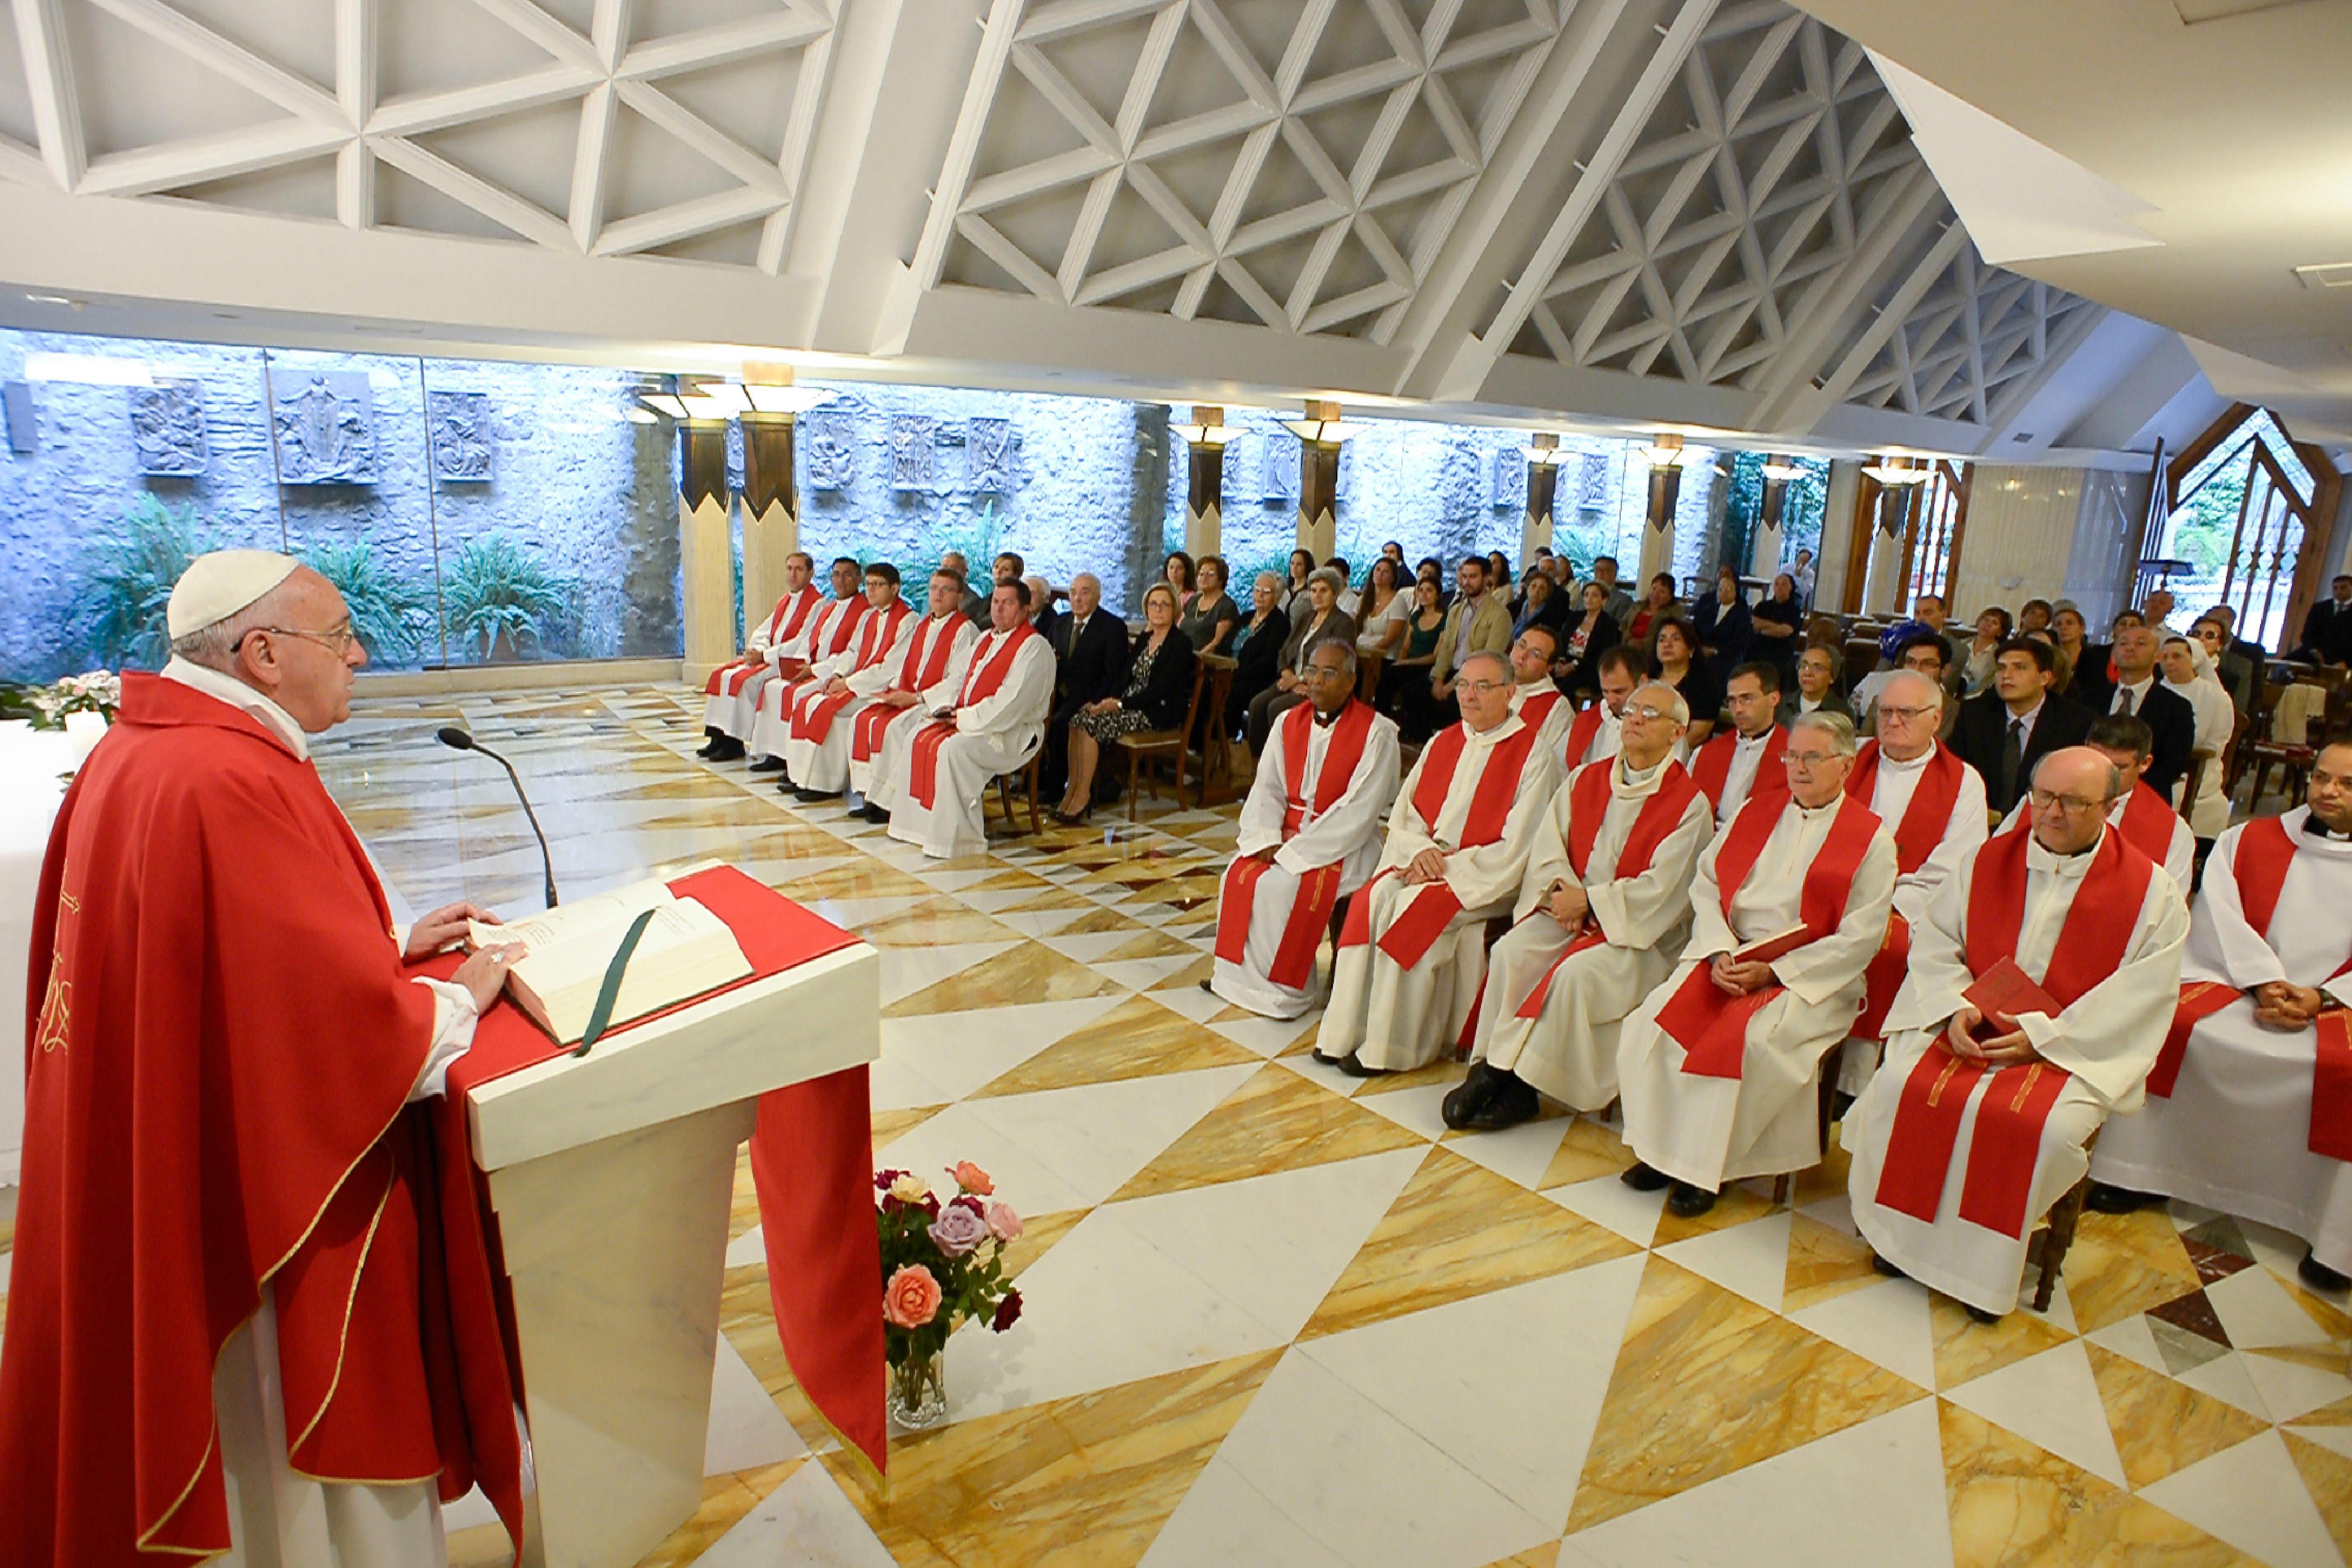 Pope Francis celebrating Mass at Santa Marta - June 11th 2015